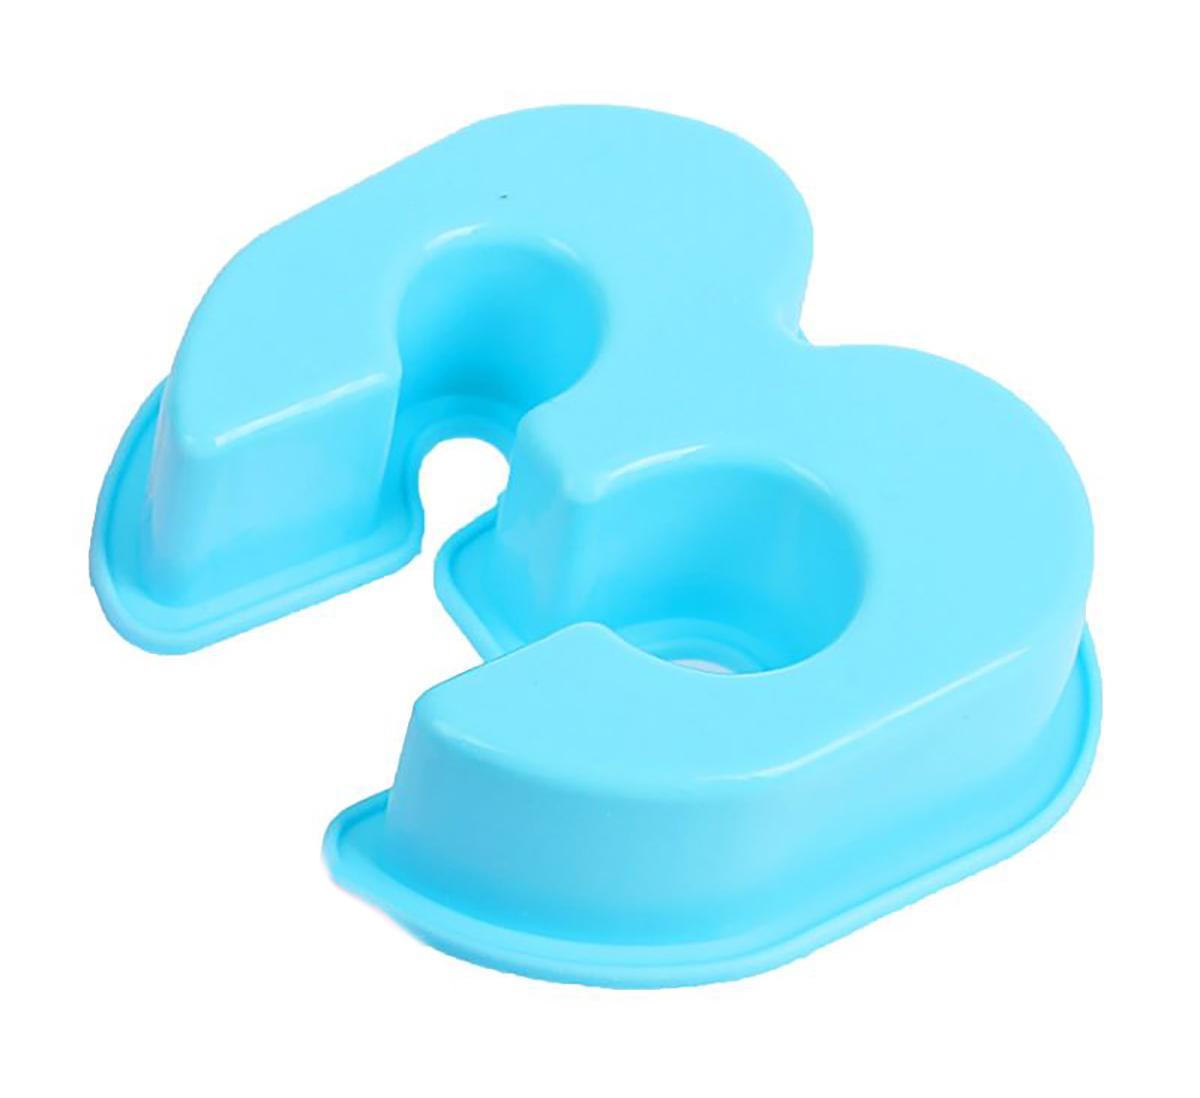 Форма для выпечки Доляна Три,цвет: голубой, 9 х 8 х 2,5 см1687463_голубойСиликоновая форма для выпечки Доляна - современное решение для практичных и радушных хозяек. Оригинальный предмет позволяет готовить в духовке любимые блюда из мяса, рыбы, птицы и овощей, а также вкуснейшую выпечку.Блюдо сохраняет нужную форму и легко отделяется от стенок после приготовления; высокая термостойкость (от -40 до 230 С) позволяет применять форму в духовых шкафах и морозильных камерах; небольшая масса делает эксплуатацию предмета простой даже для хрупкой женщины; силикон пригоден для посудомоечных машин; высокопрочный материал делает форму долговечным инструментом;при хранении предмет занимает мало места.